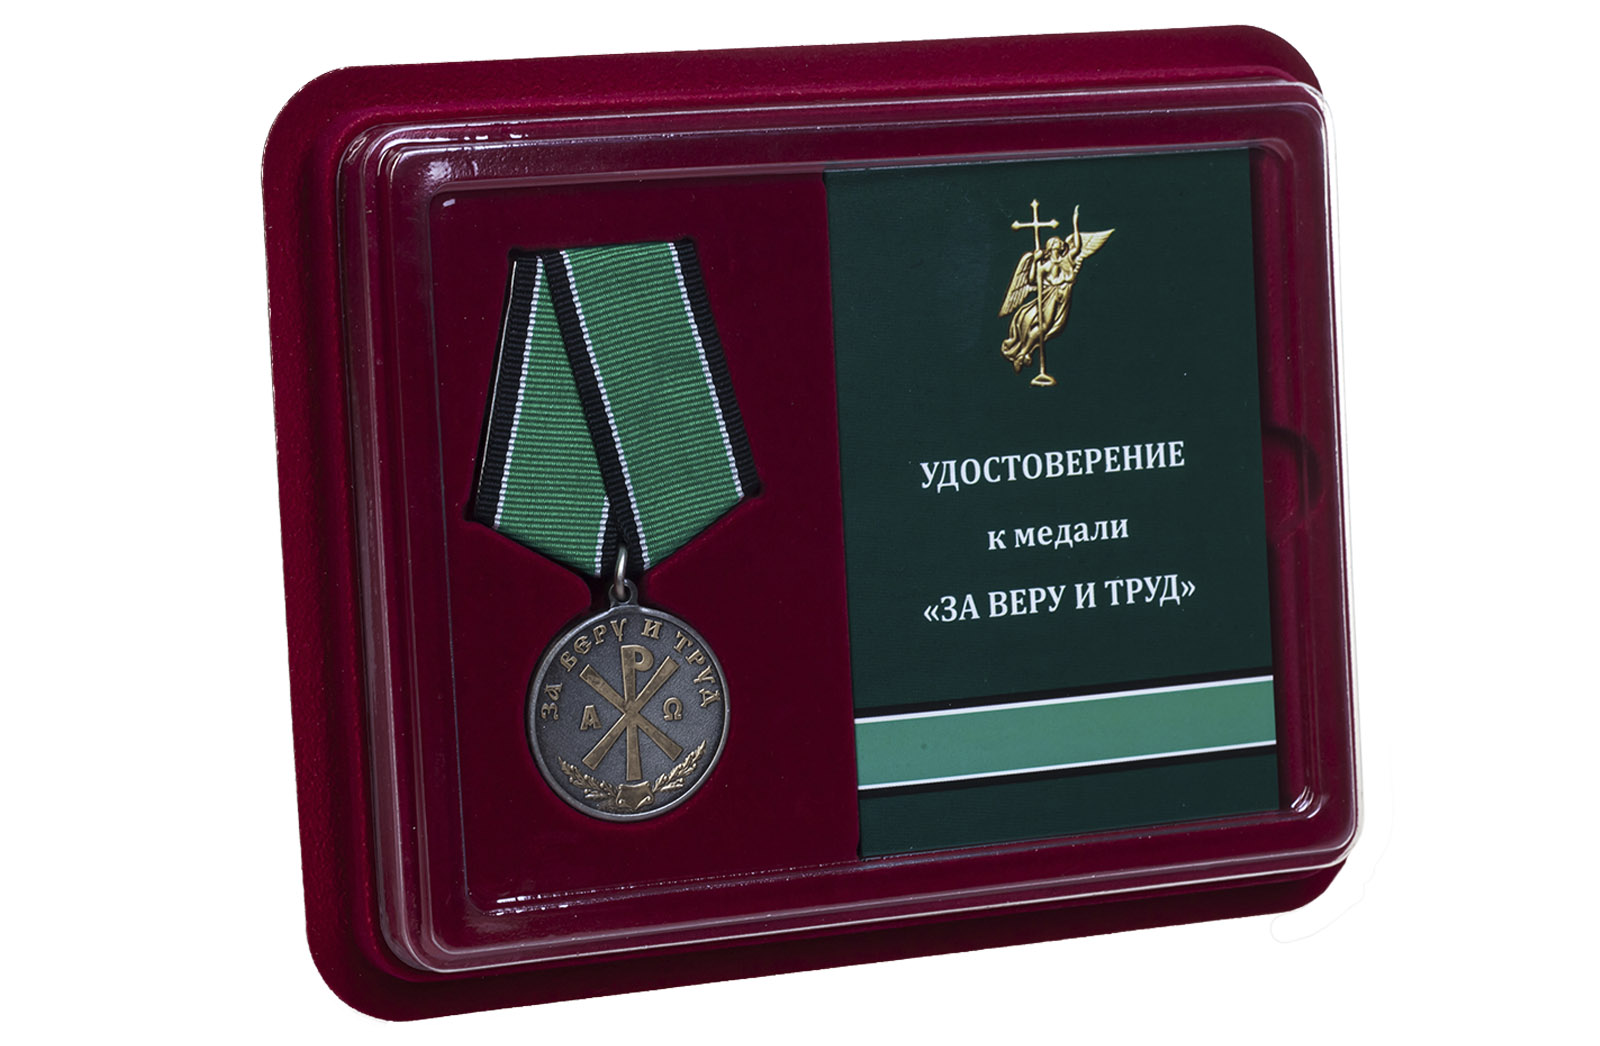 Купить медаль За Веру и Труд в футляре с удостоверением с доставкой в ваш город